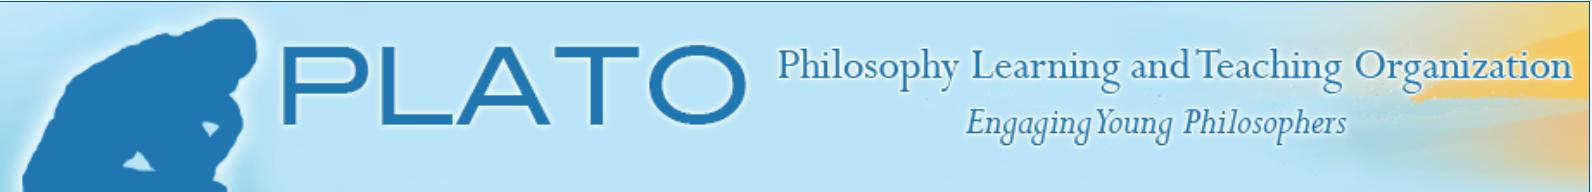 PLATO Banner